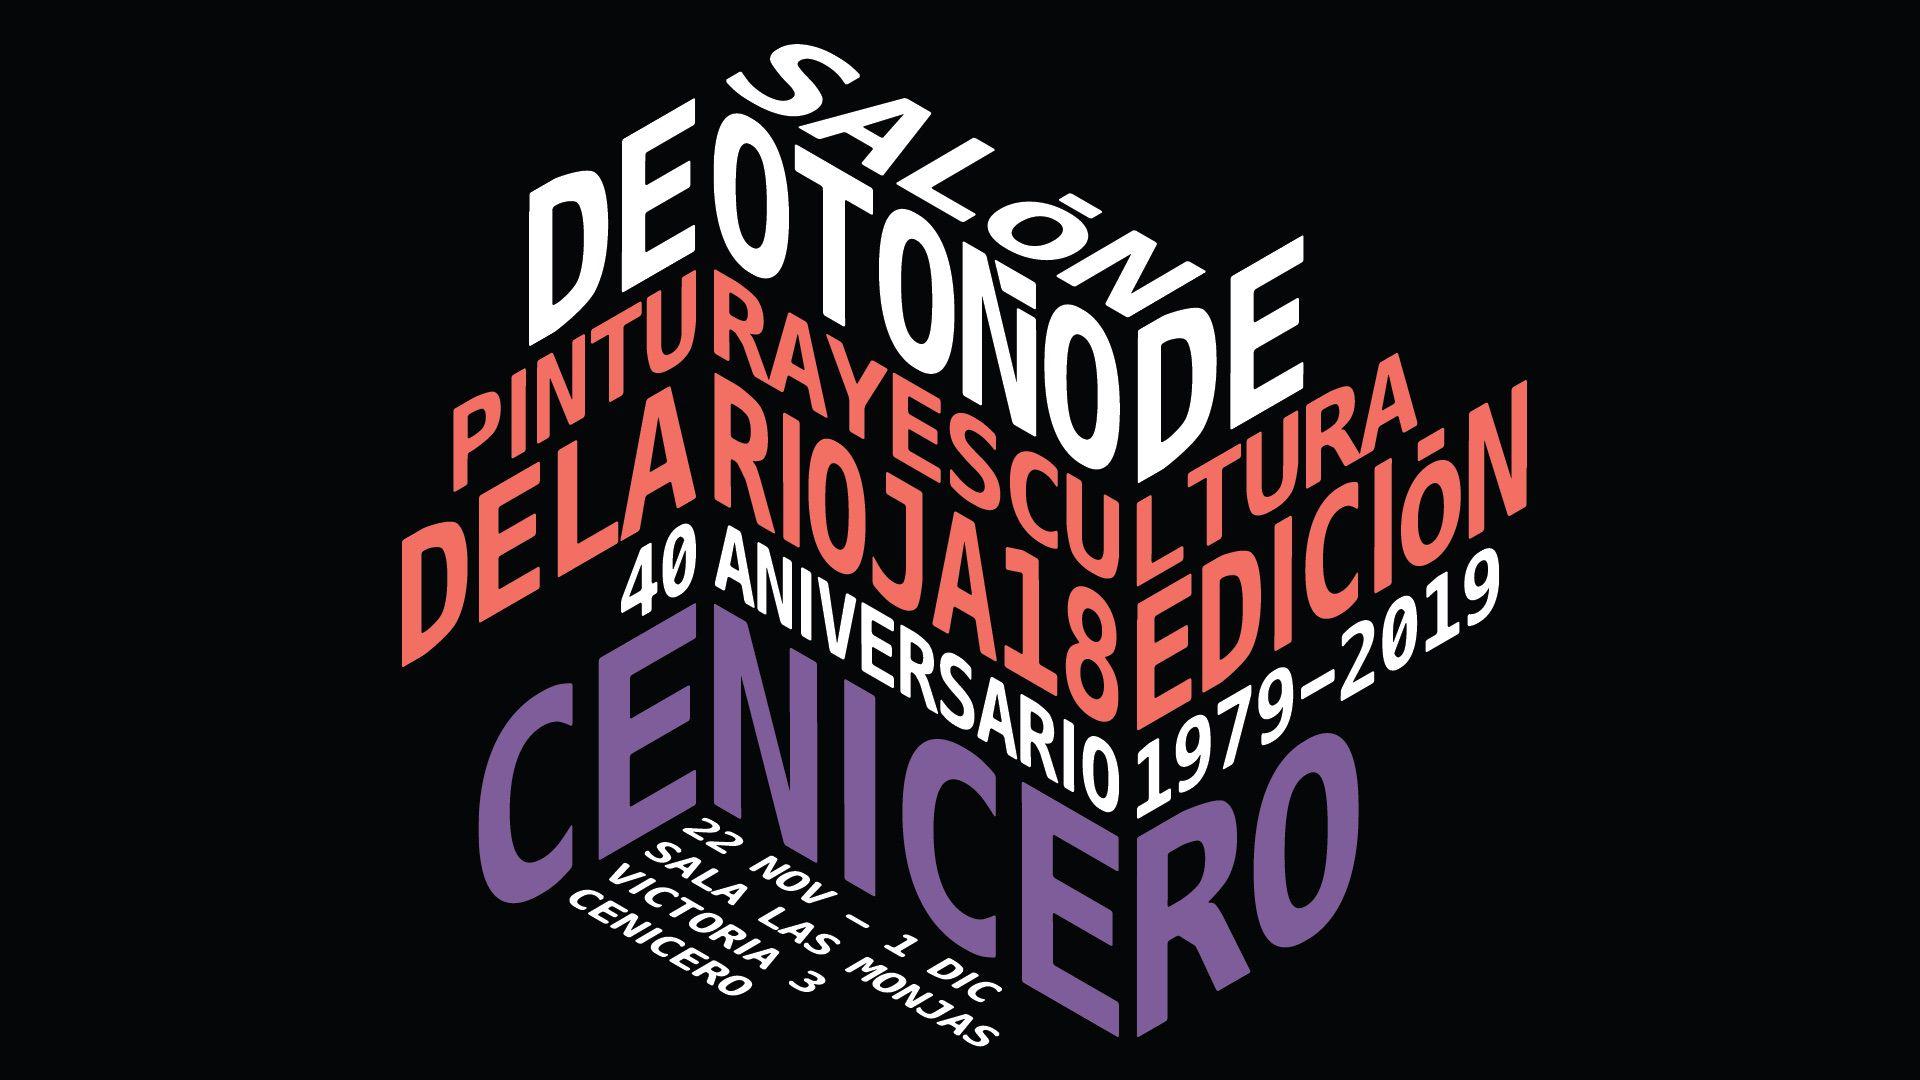 18º Salón de otoño de pintura y escultura de La Rioja